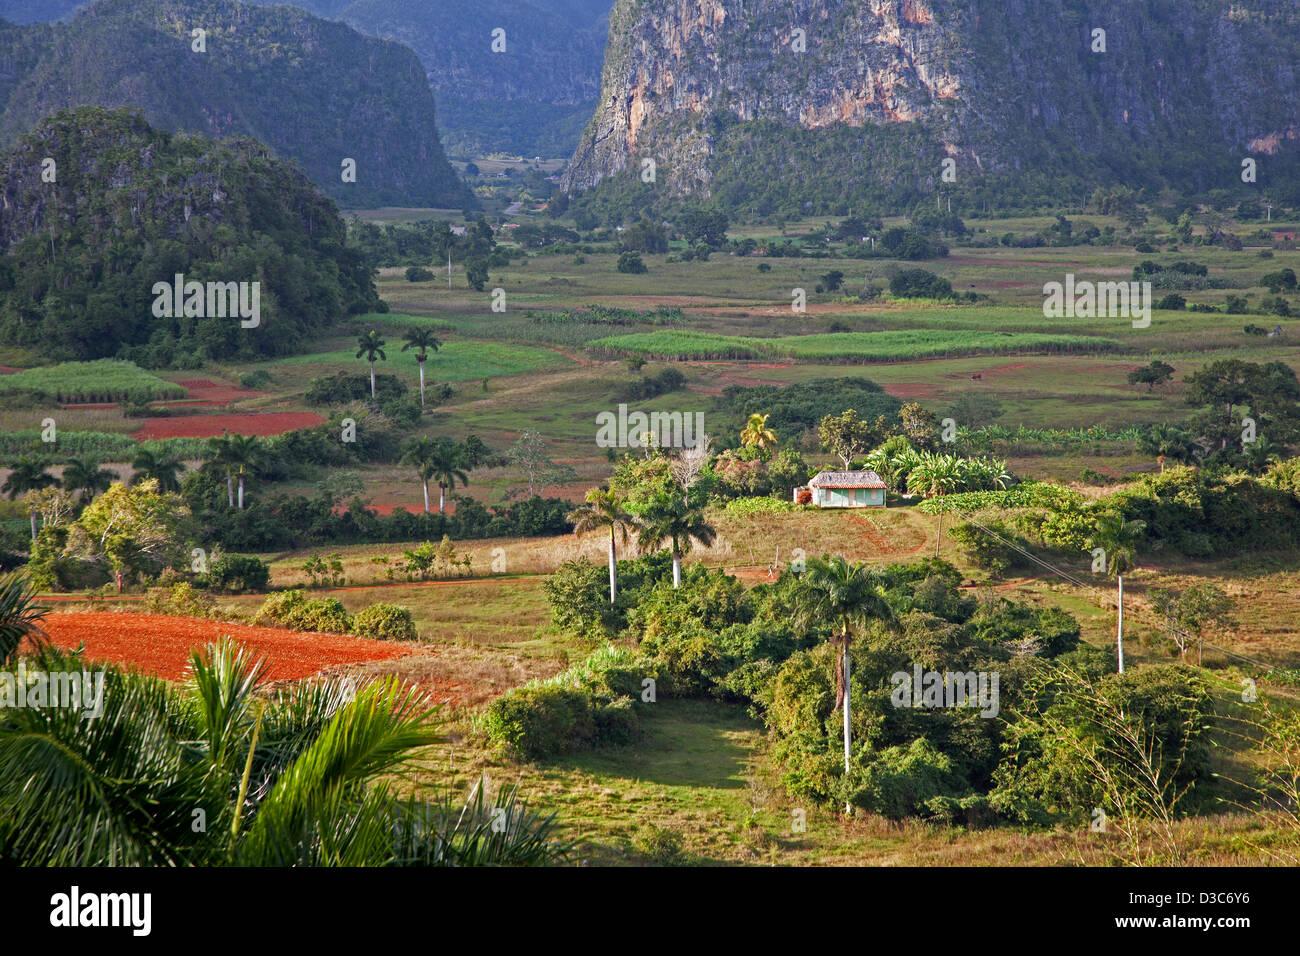 L'agriculture traditionnelle dans la Vallée de Viñales / Valle de Vinales dans la Sierra de Los Organos, Photo Stock